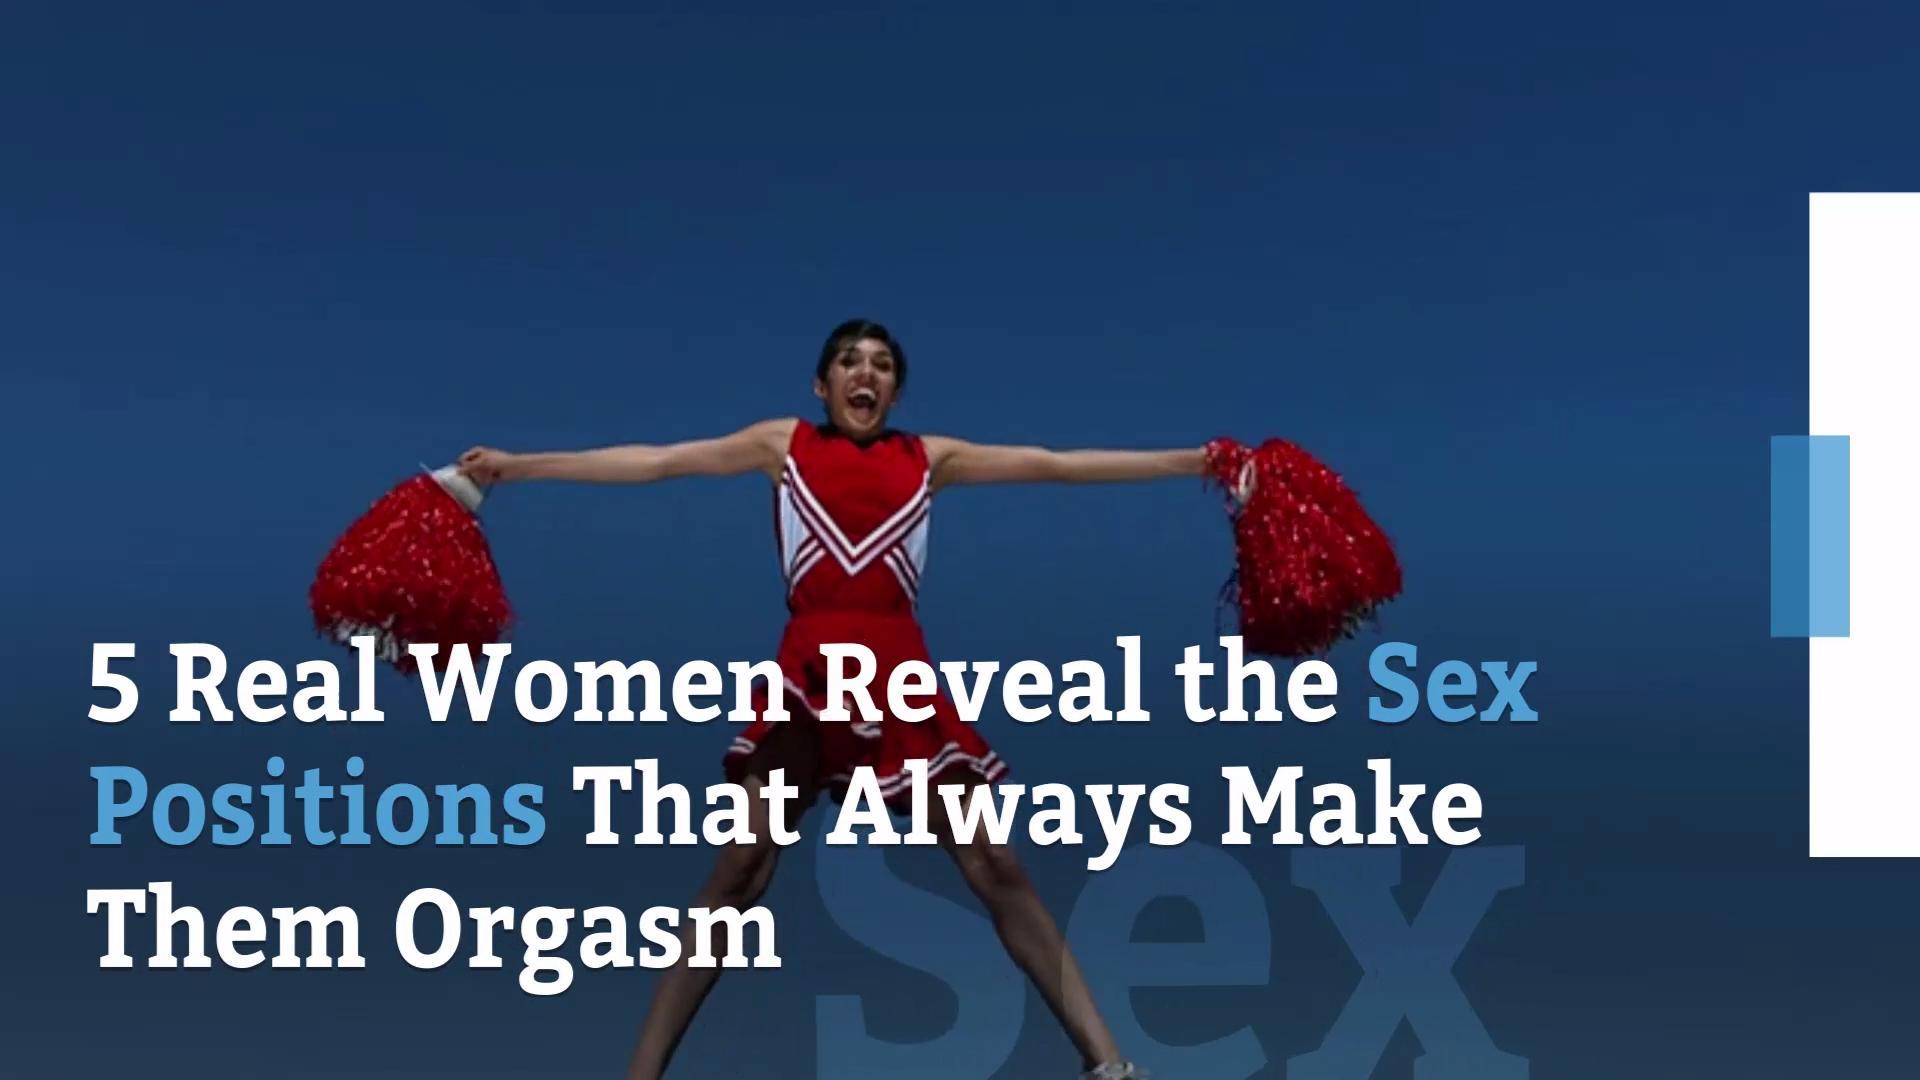 Regret, that, description of a male orgasm that